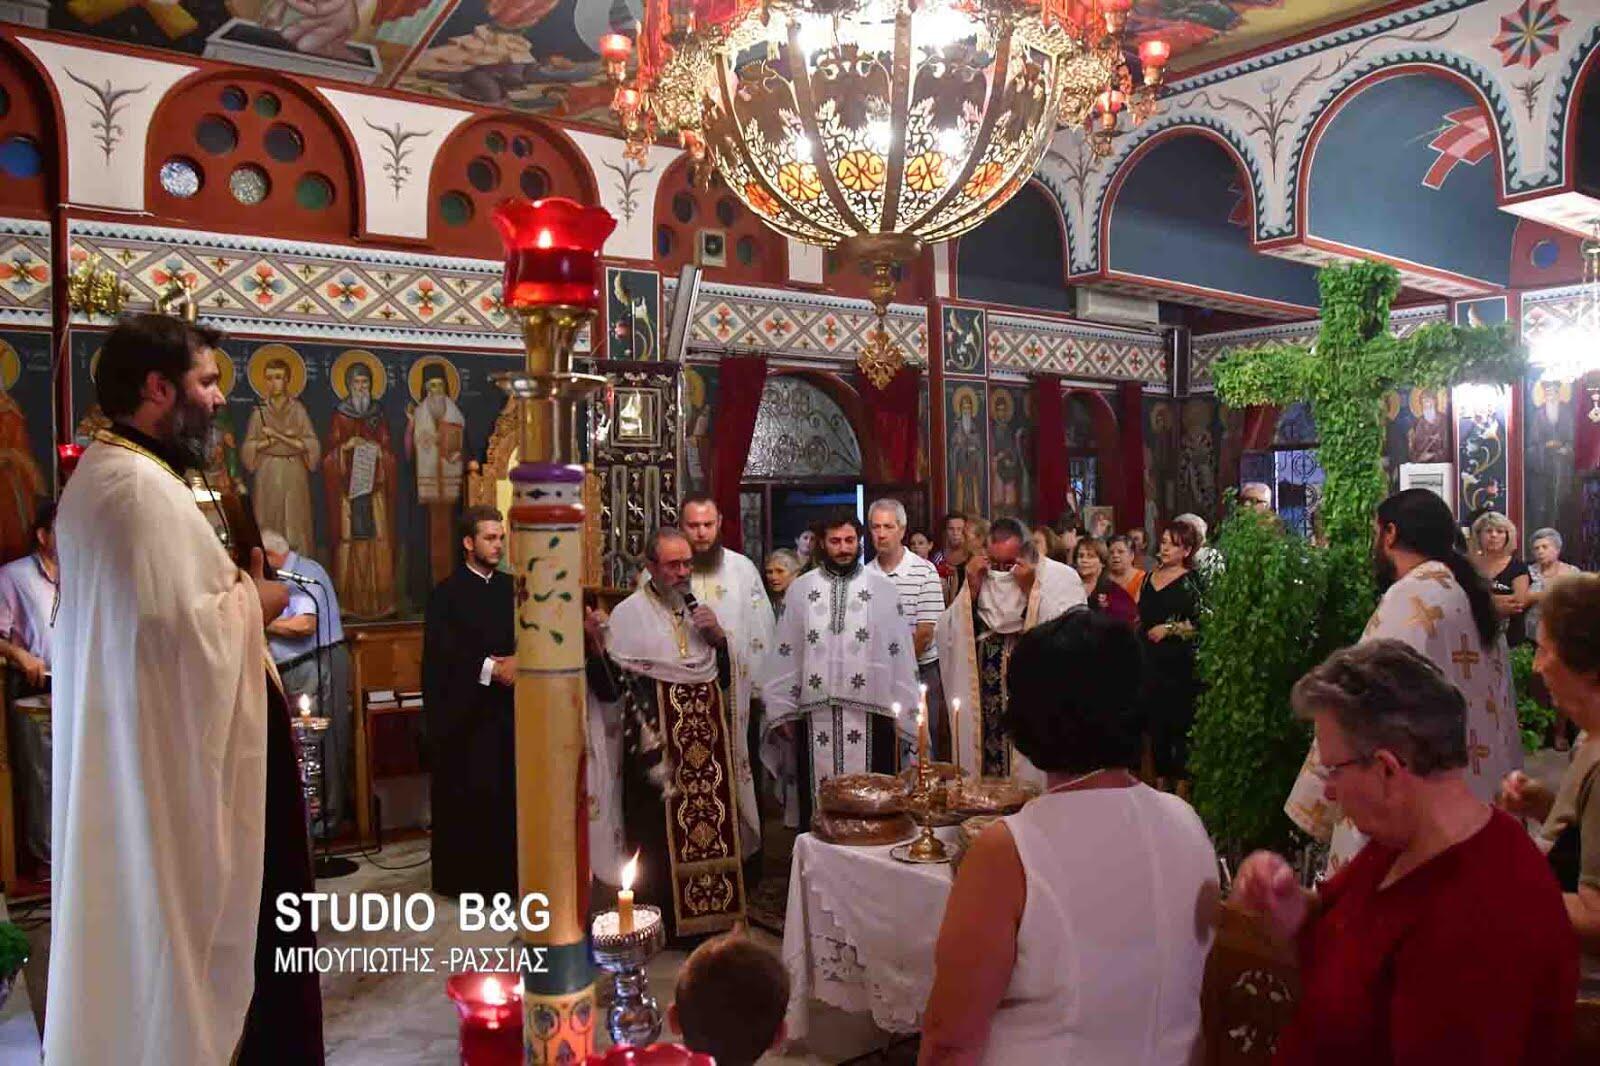 Μητρόπολη Αργολίδος: Η Εορτή της Υψώσεως του Τιμίου Σταυρού στο Ναύπλιο